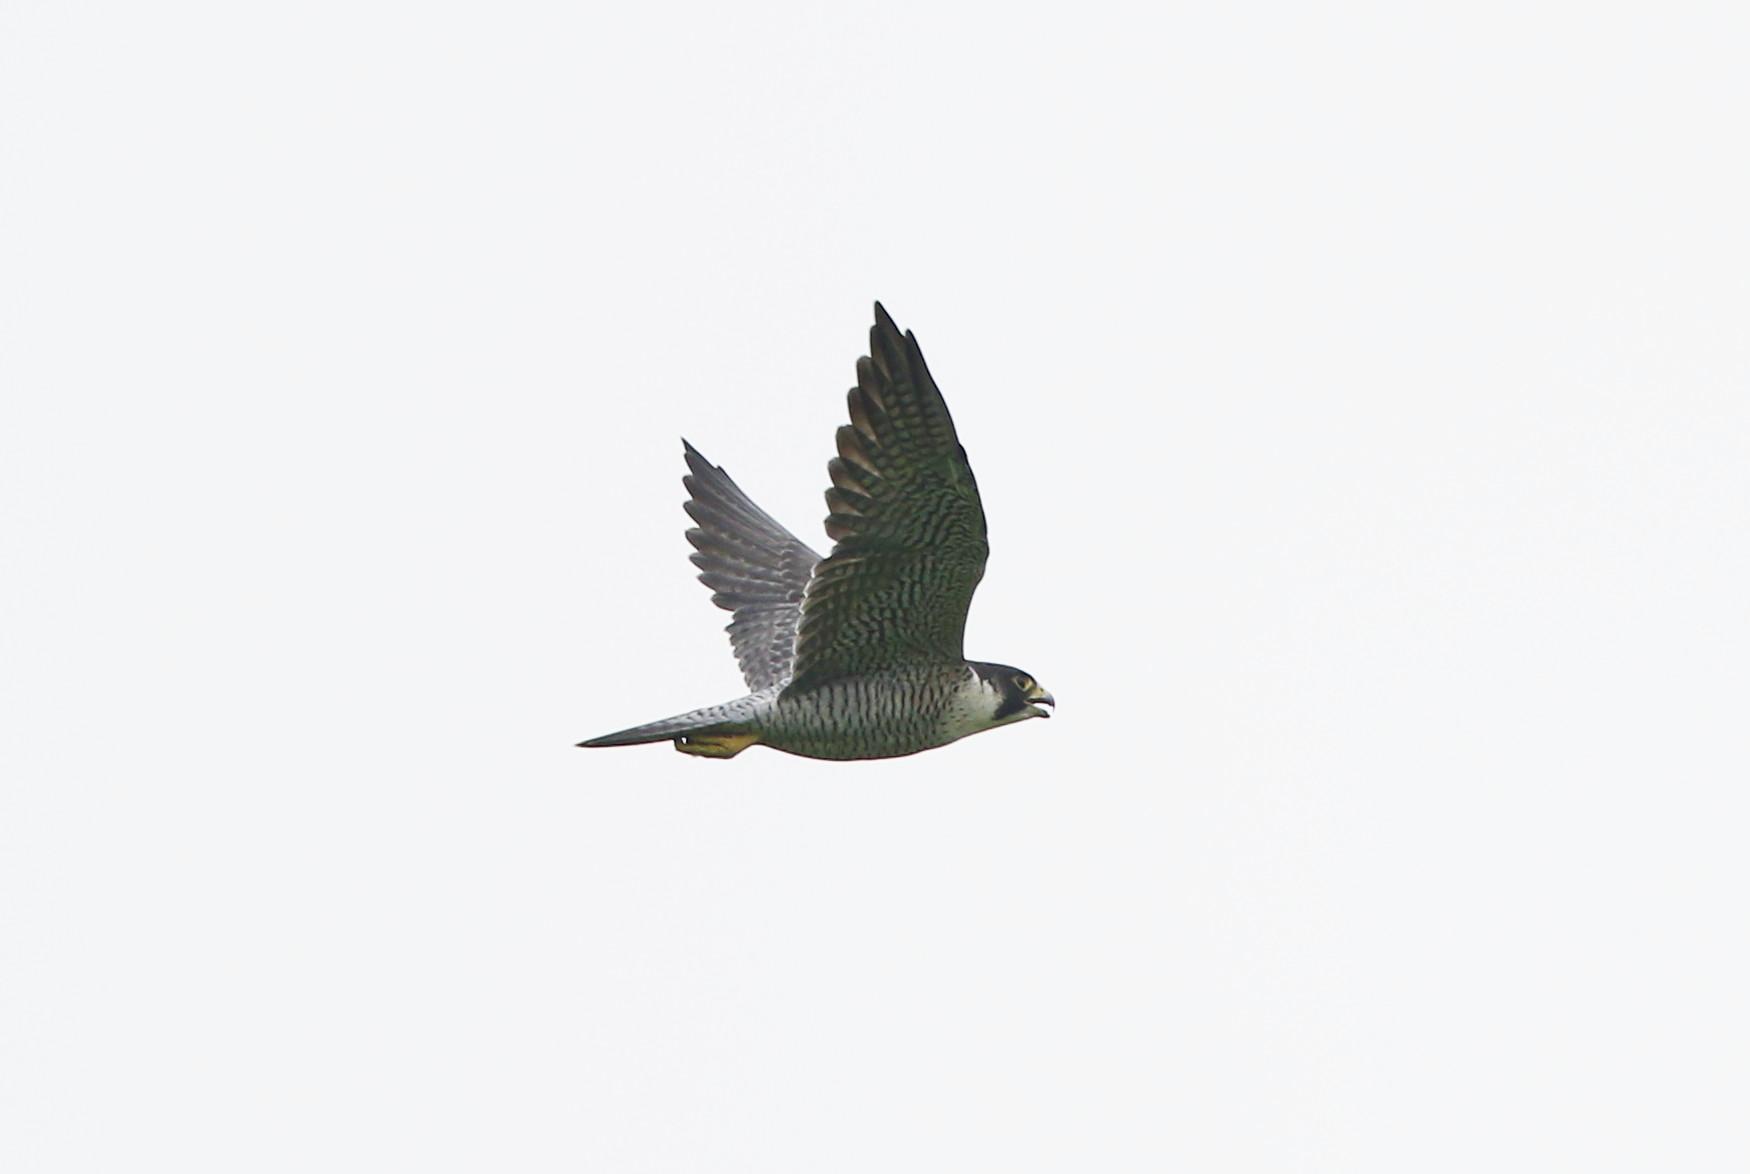 田んぼ巡りの探鳥でタシギに逢う_f0239515_17493456.jpg